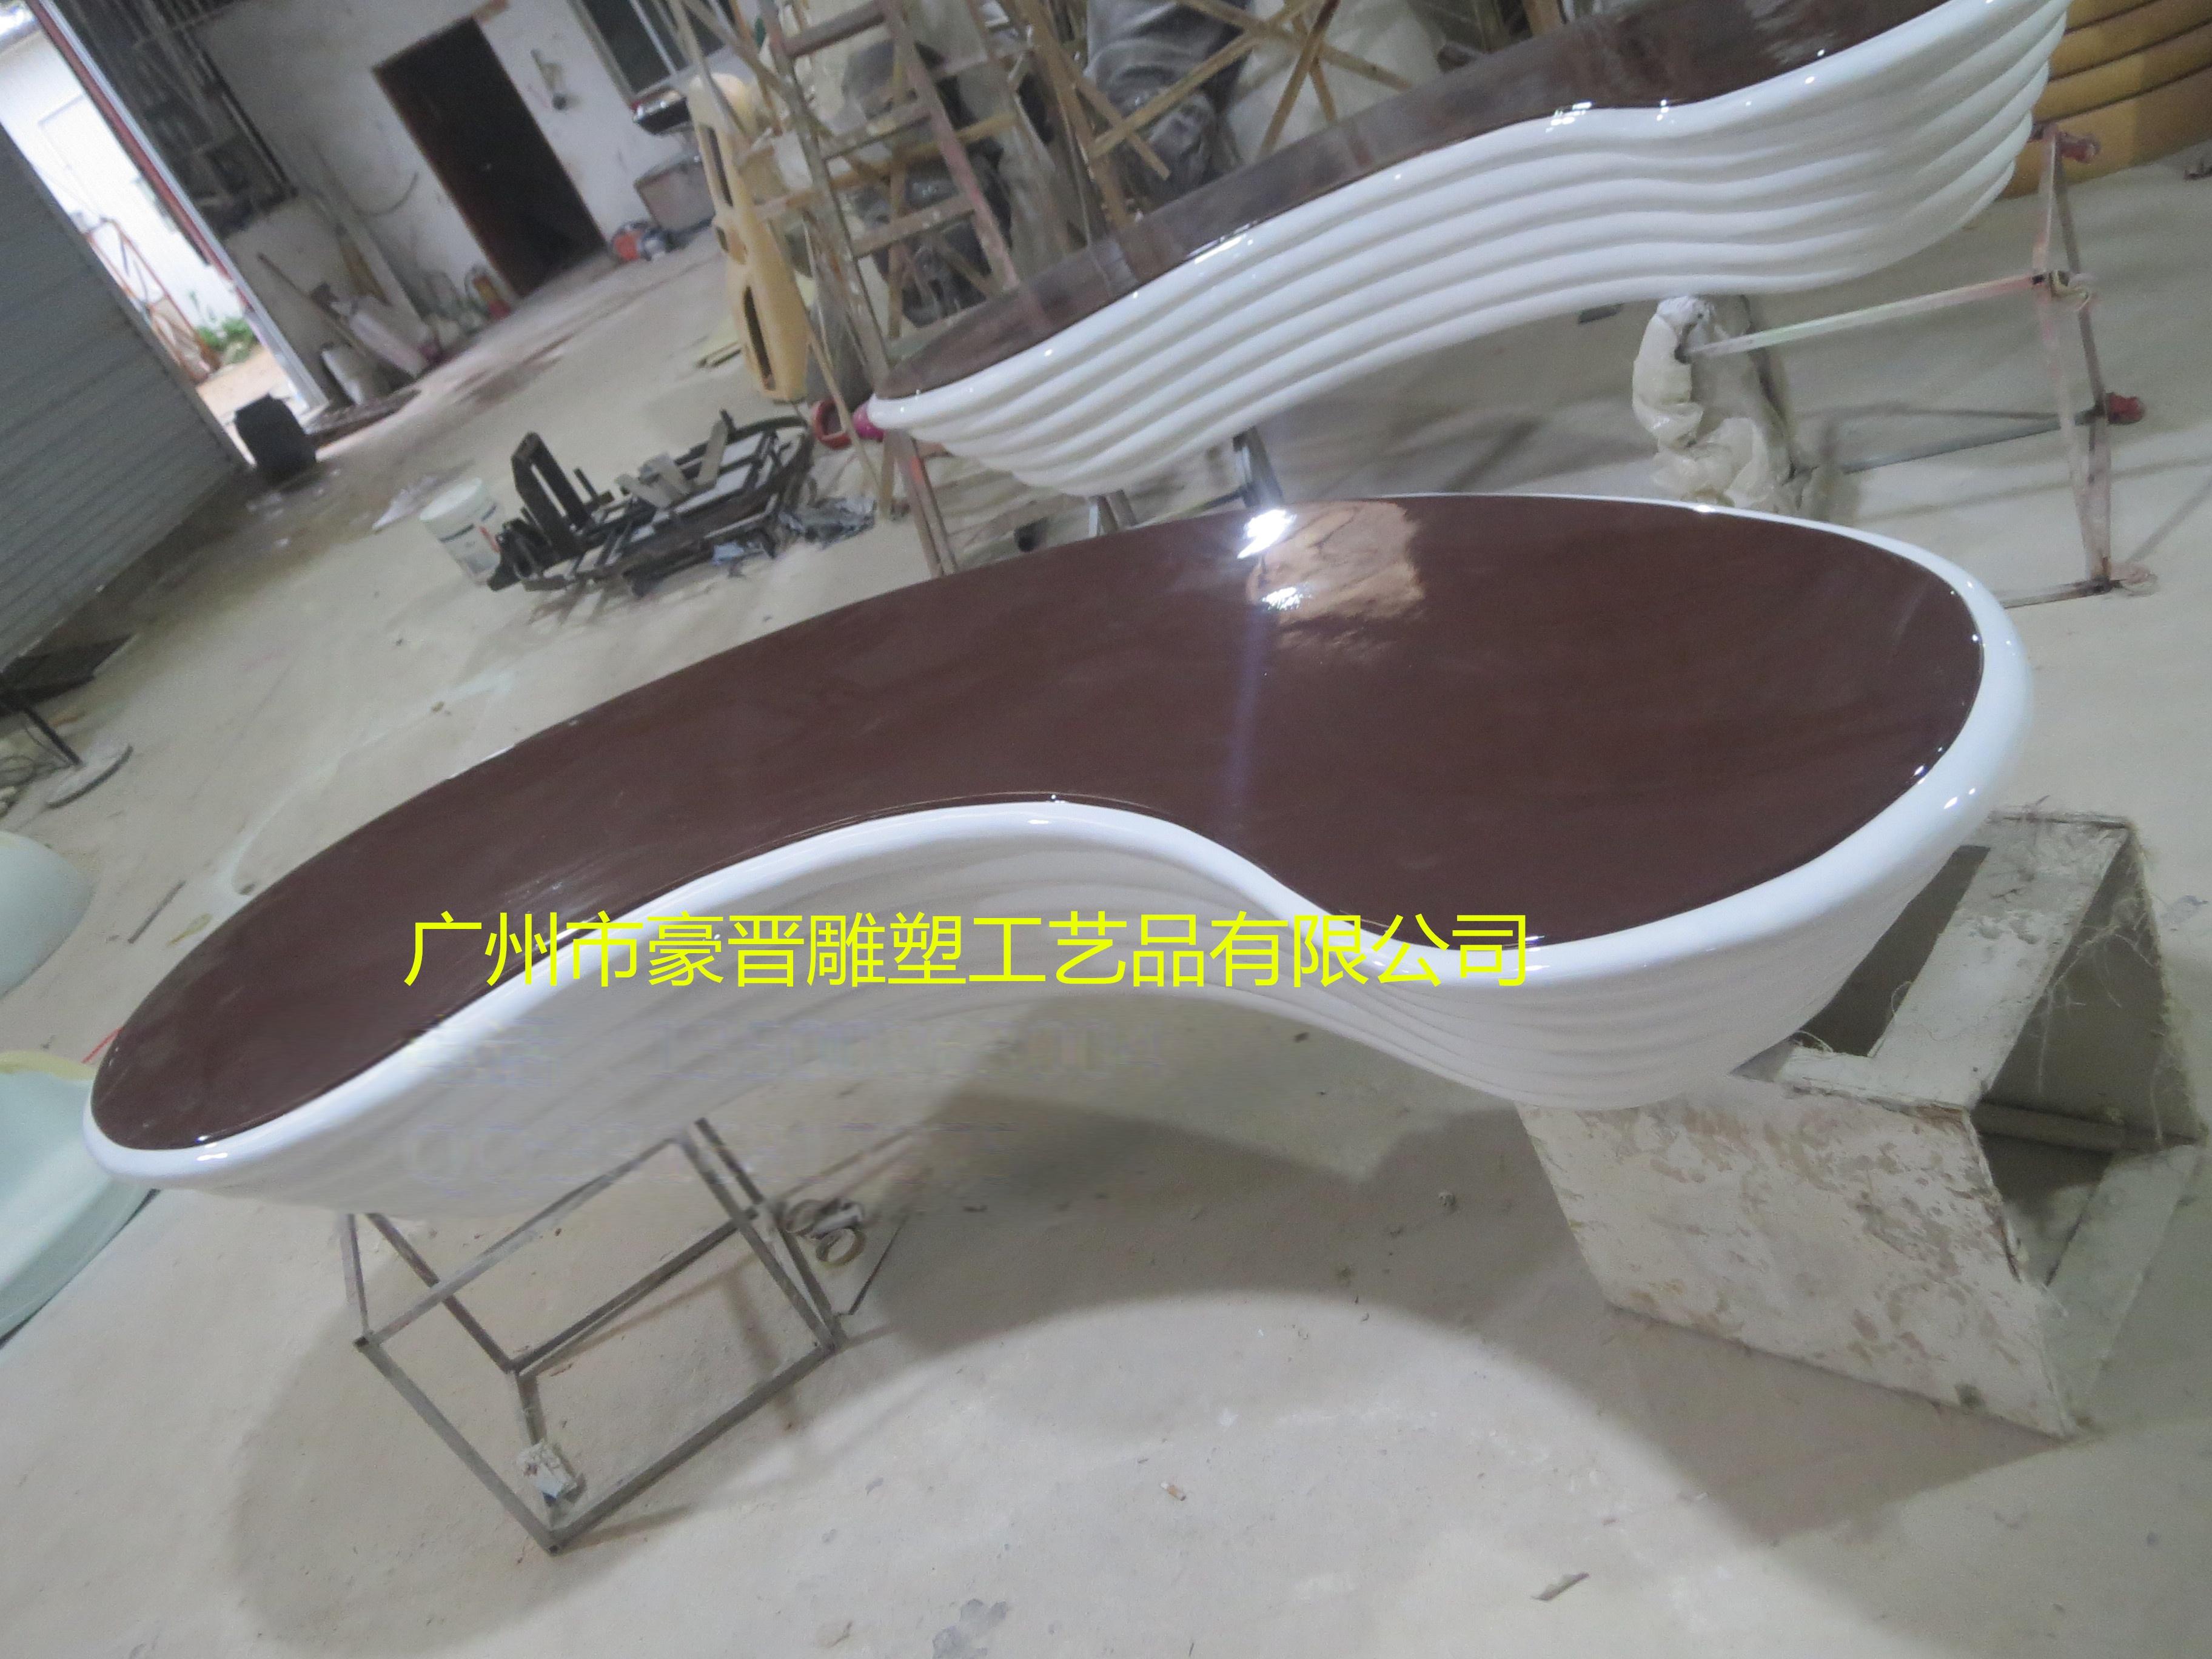 工艺品 材质工艺品 塑料和树脂工艺品 > 厂家直销特色玻璃钢坐凳雕塑